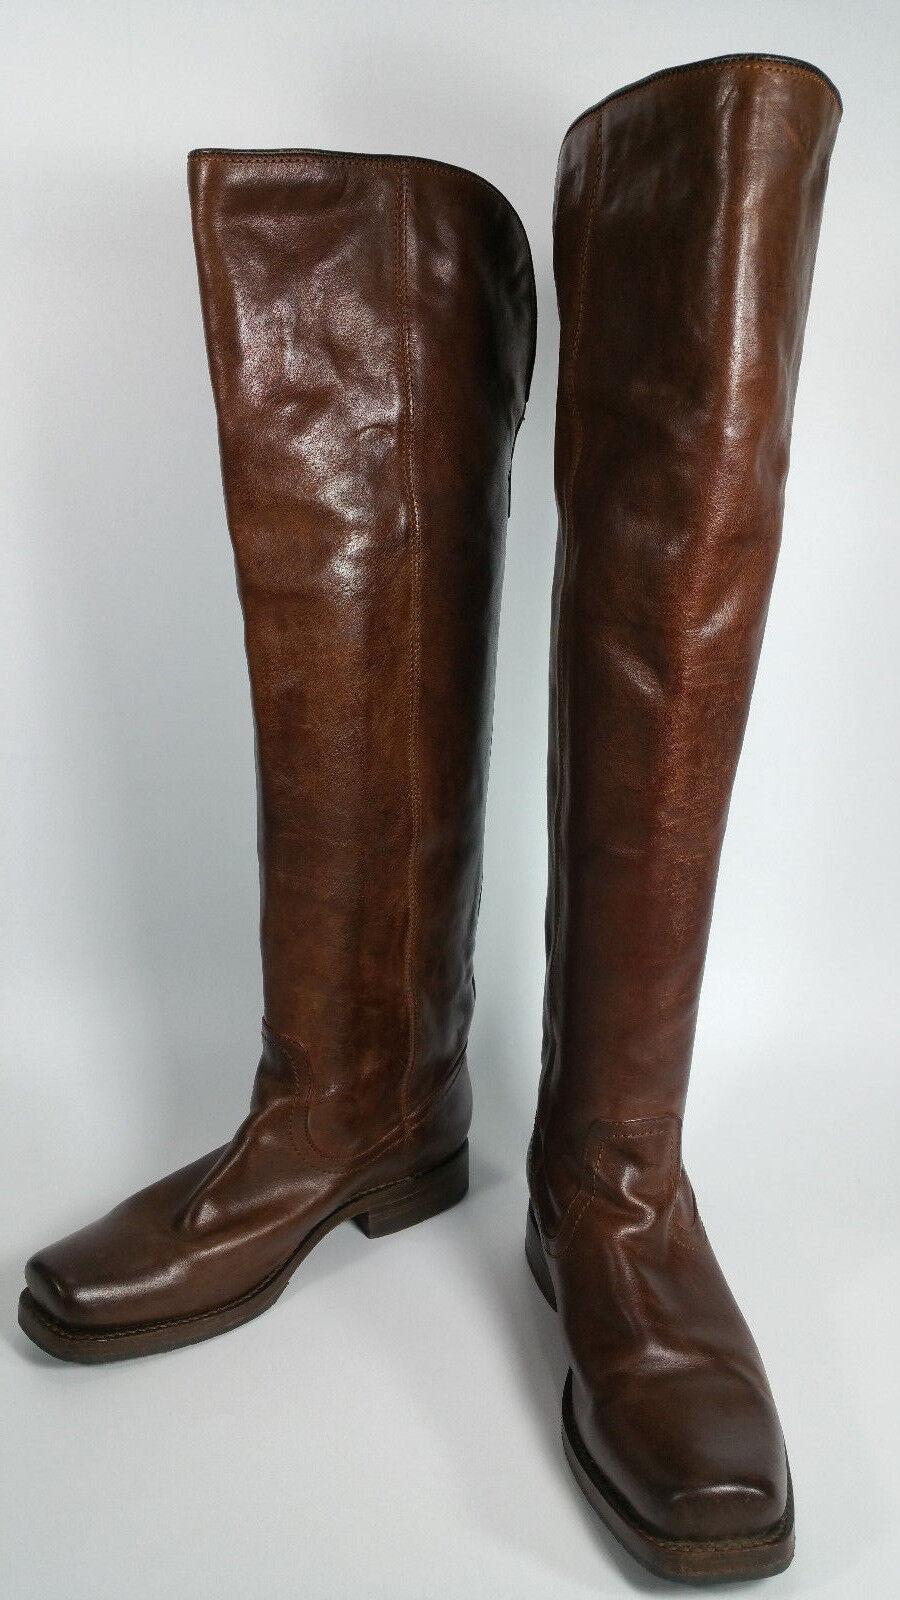 controlla il più economico FRYE Marrone Marrone Marrone LEATHER SQUARE TOE VERY TALL RIDING stivali  77238 donna 7.5 B  moda classica